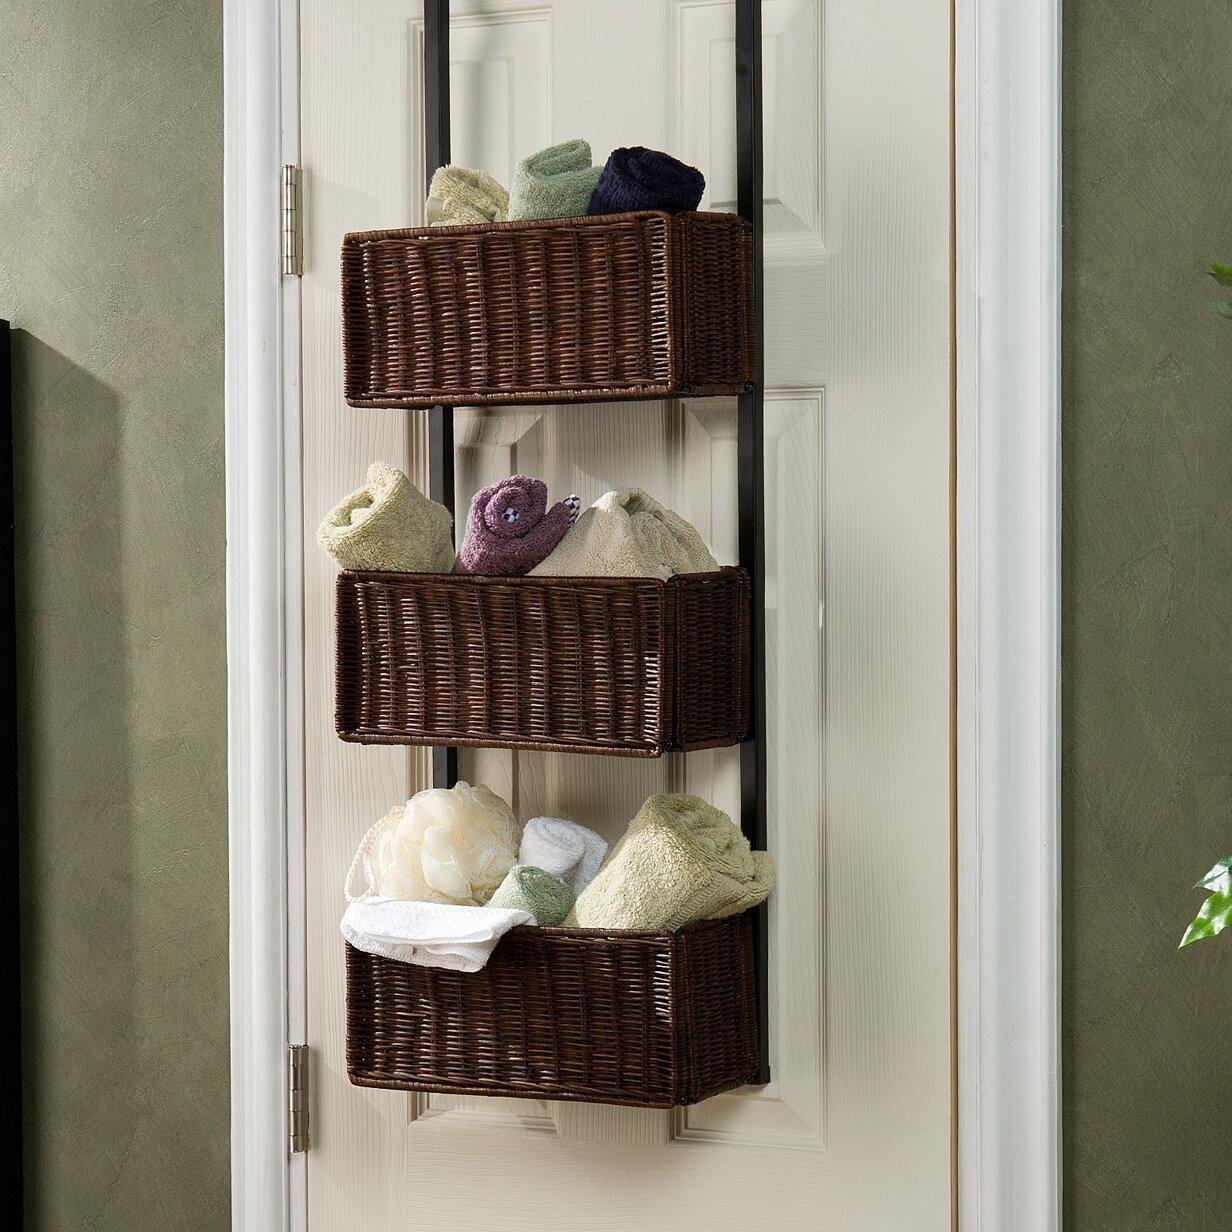 wildon home 3 tier overdoor hanging organizer reviews wayfair. Black Bedroom Furniture Sets. Home Design Ideas